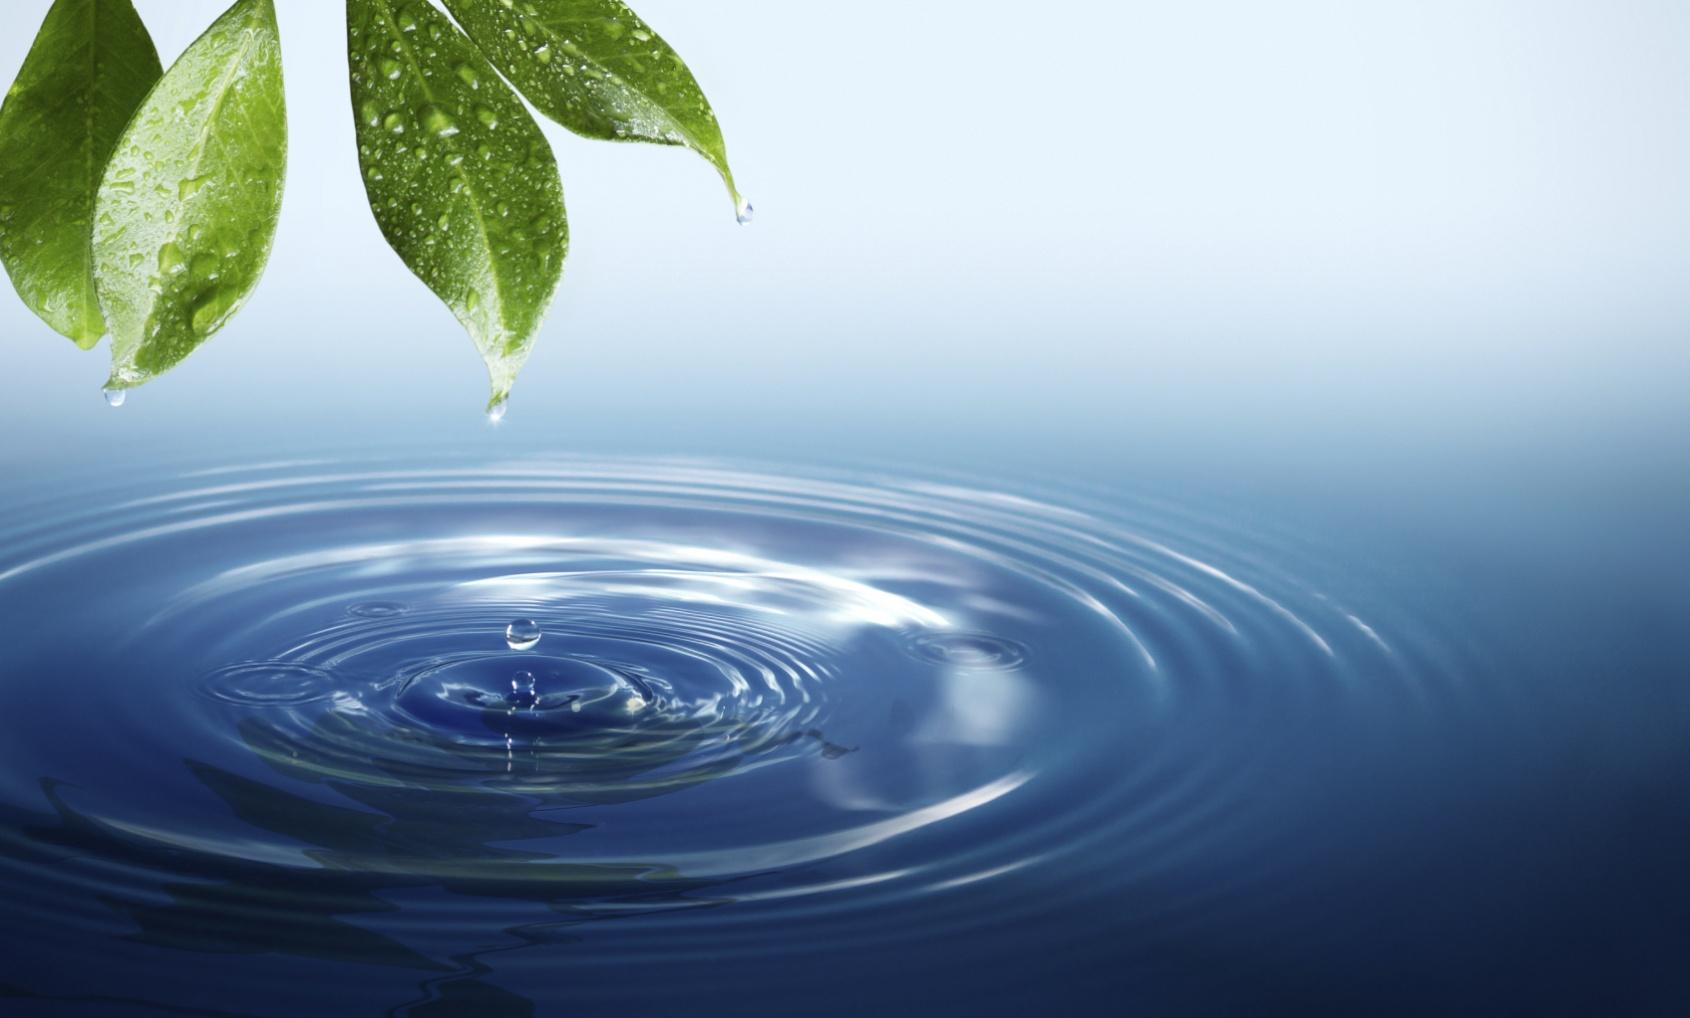 вода это жизнь картинки для презентации для запекания